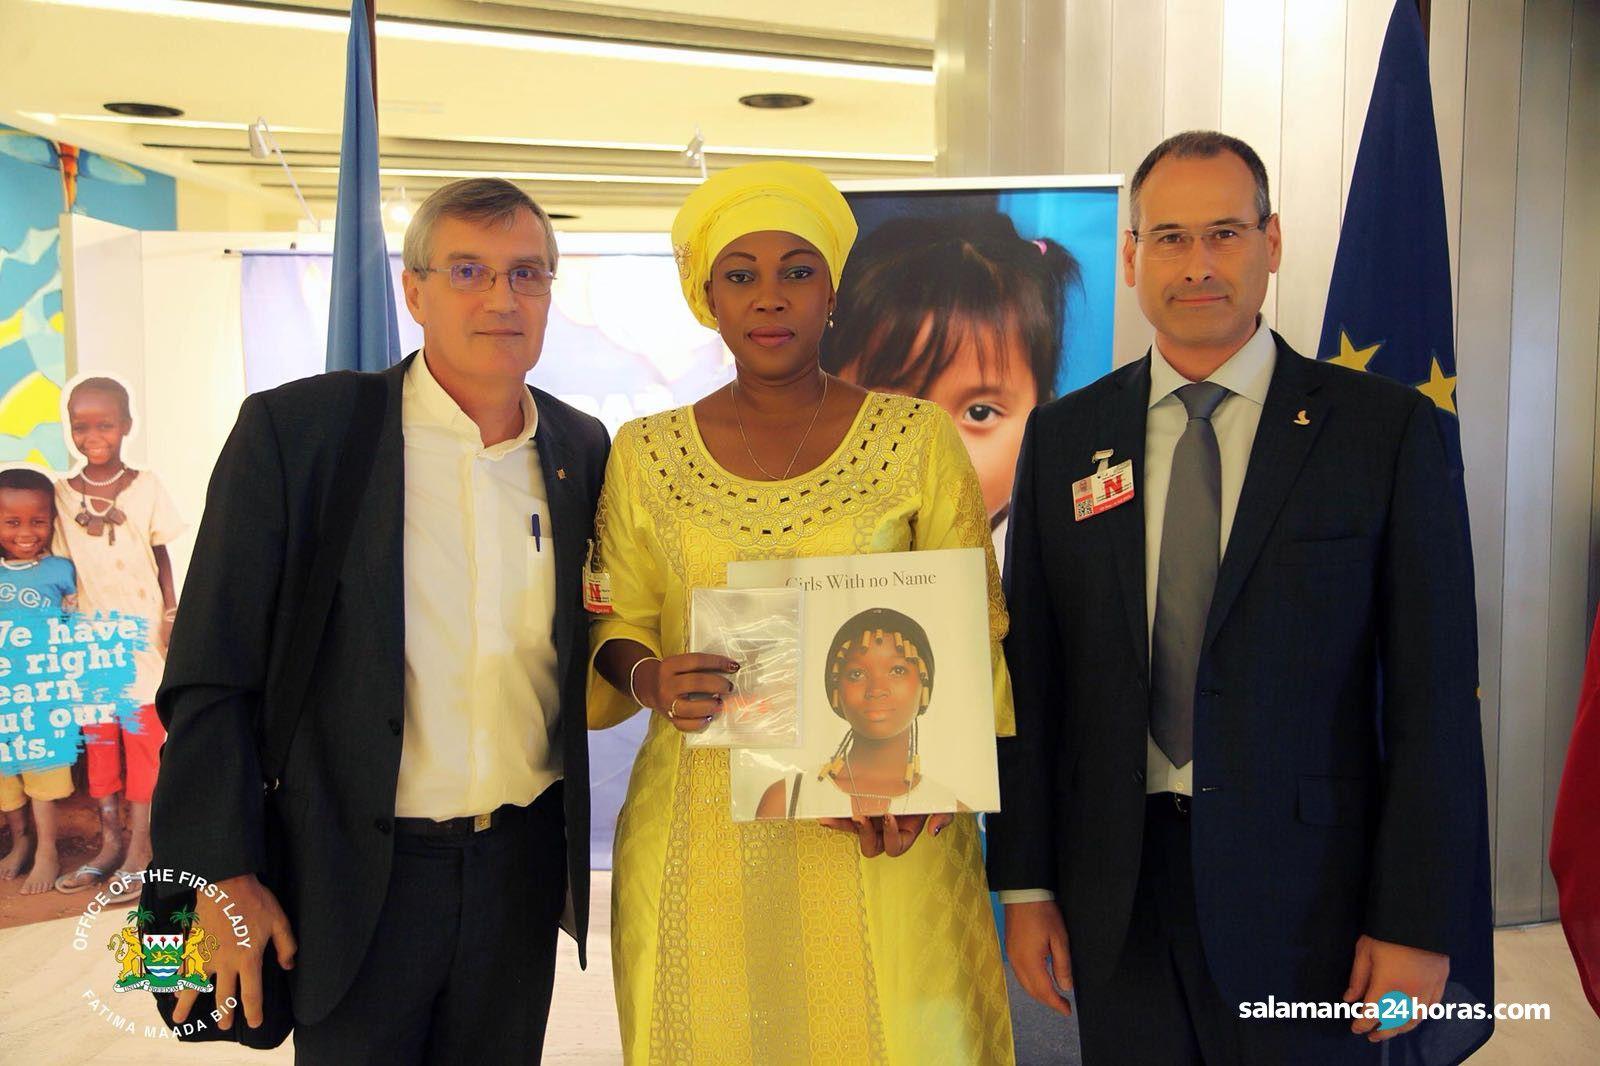 En Naciones Unidas (Ginebra) con la primera Dama de Sierra Leona